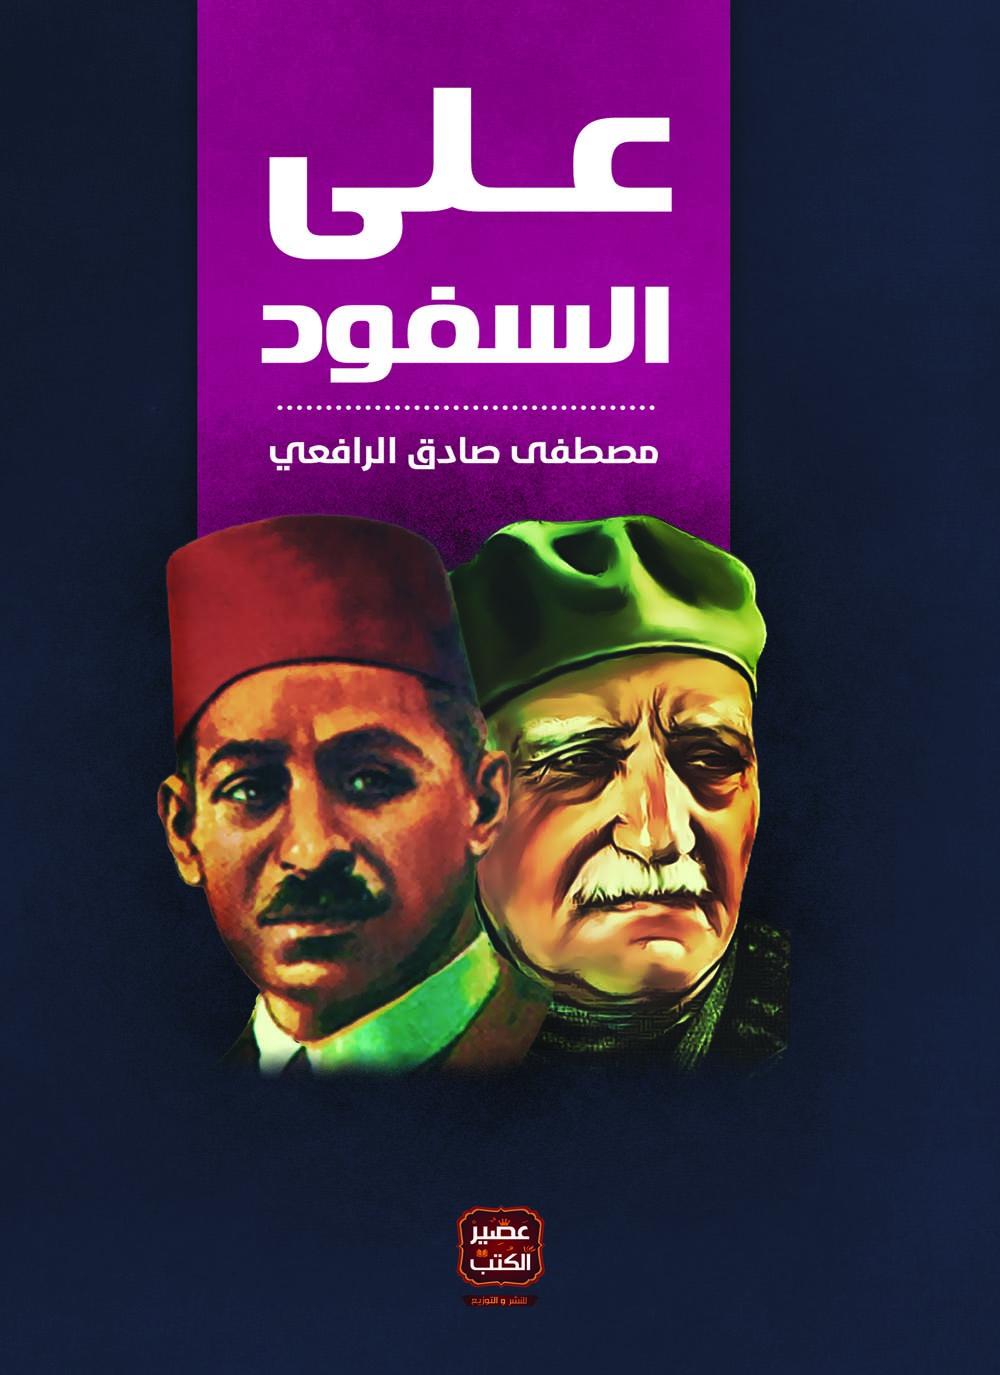 كتاب على السفود - مصطفى صادق الرافعي